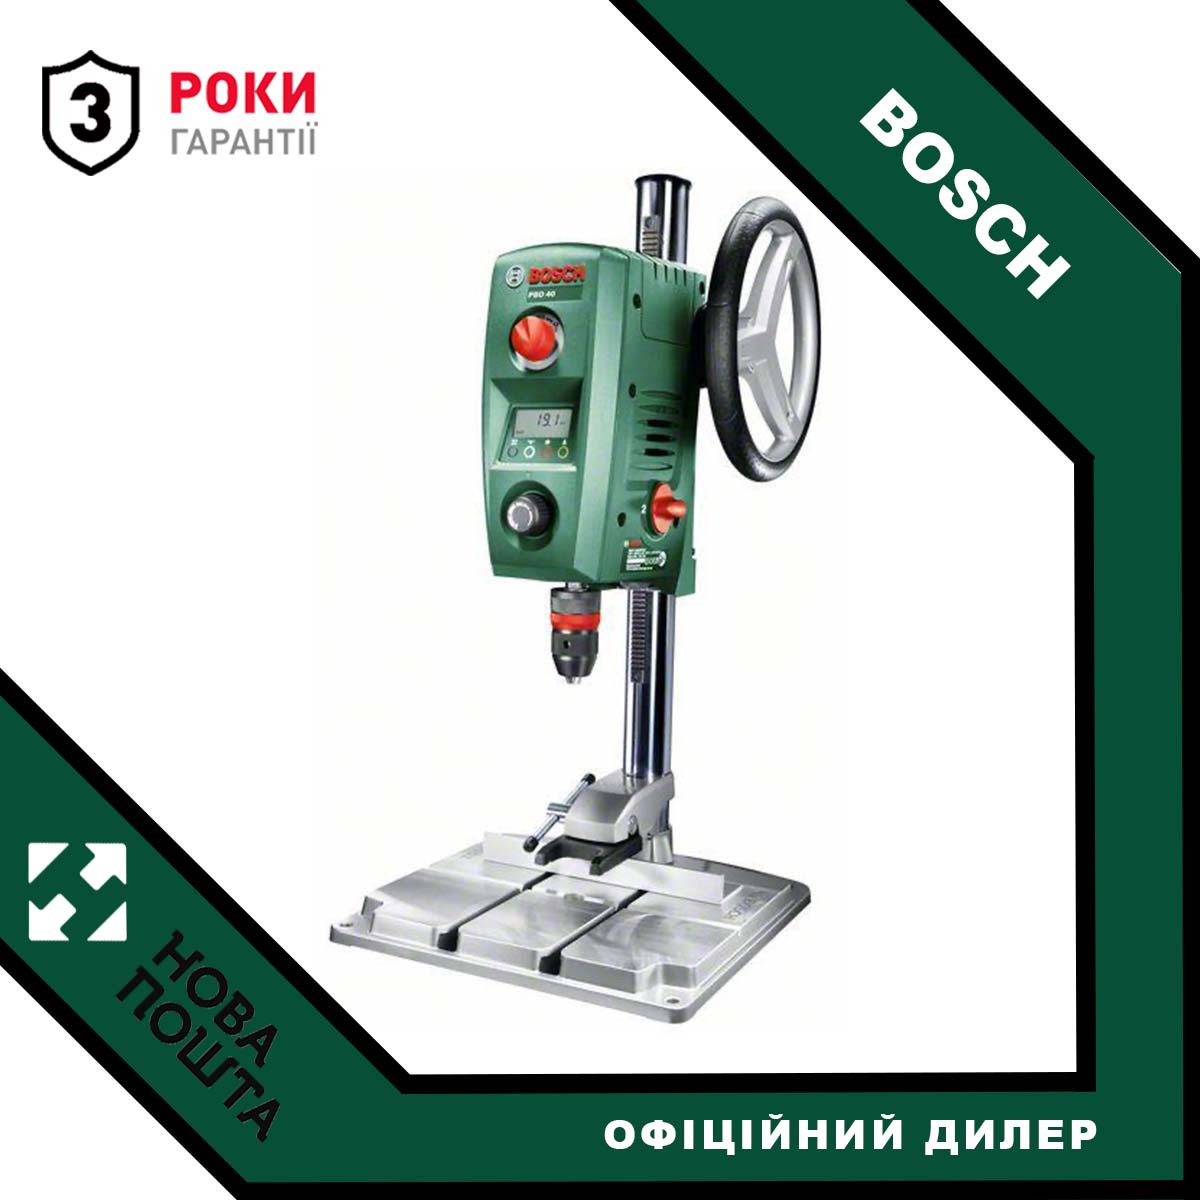 Сверлильный станок Bosch PBD 40